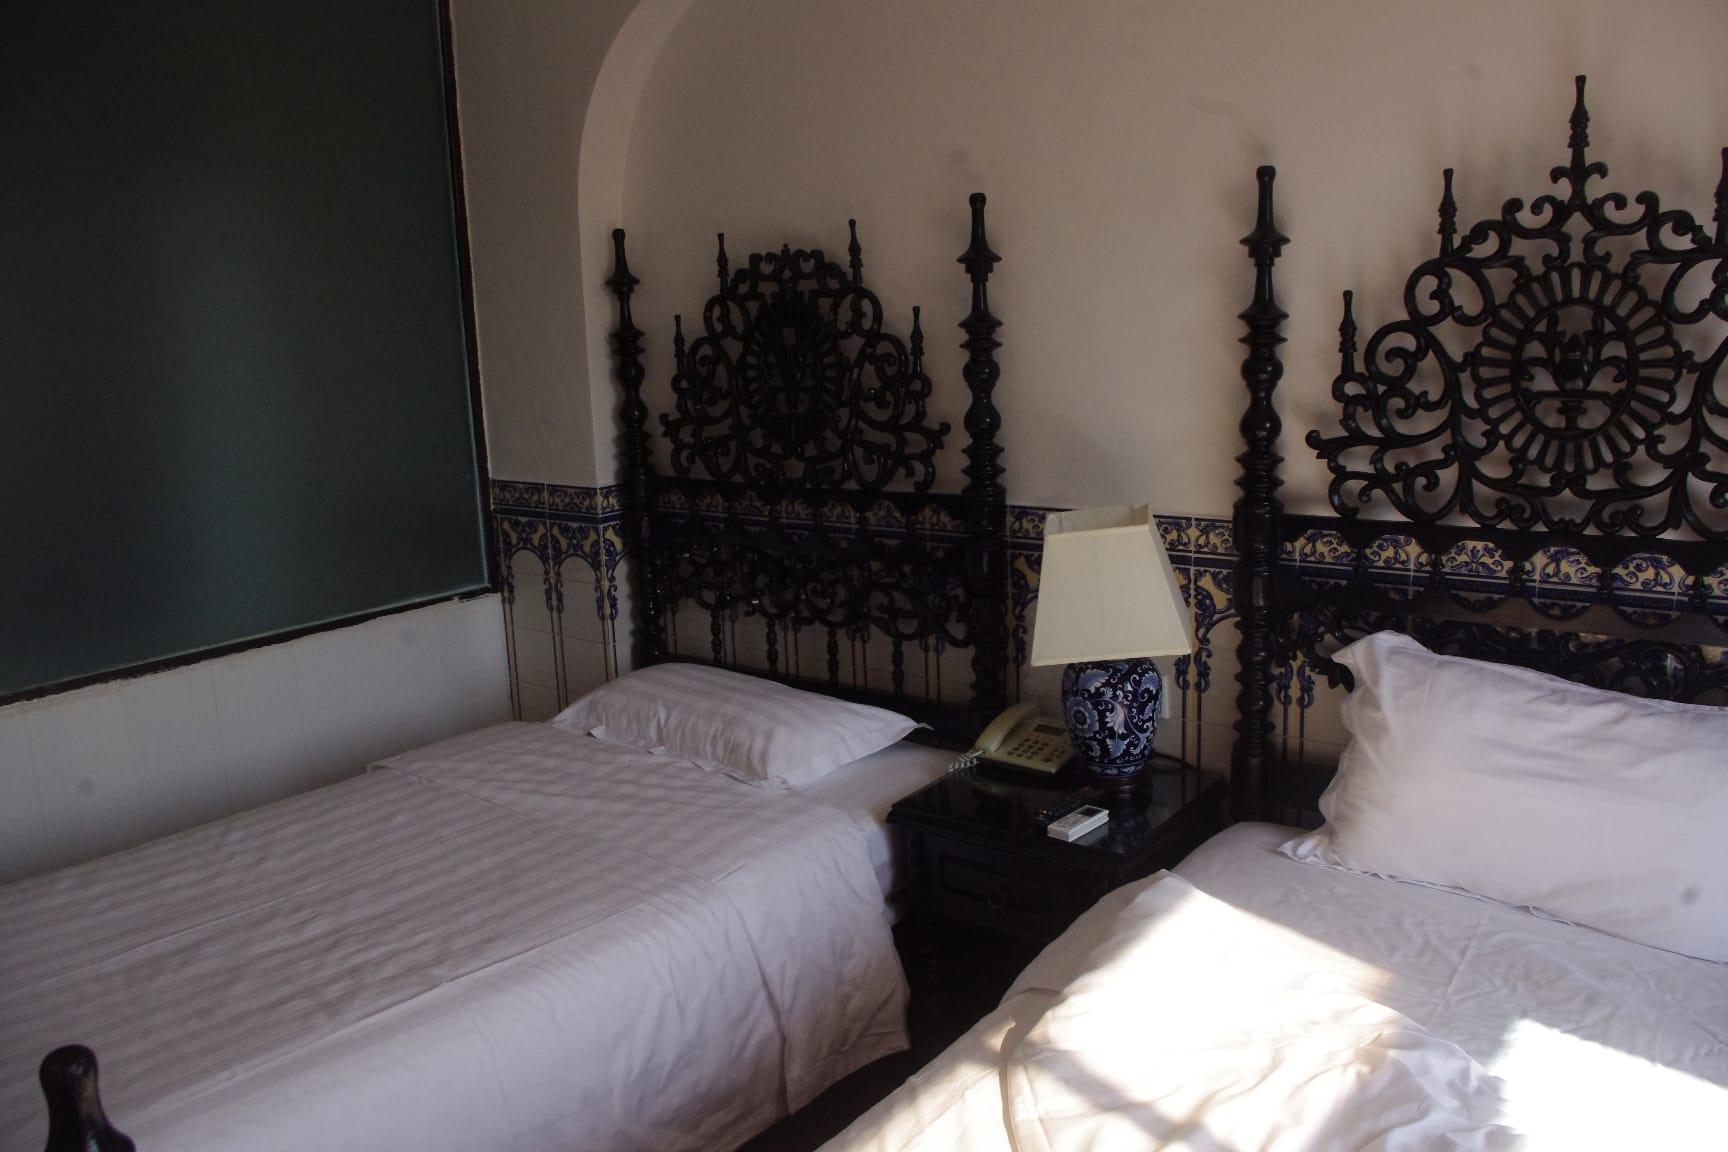 マカオのホテル・ポウサダ デ コロアネの寝室